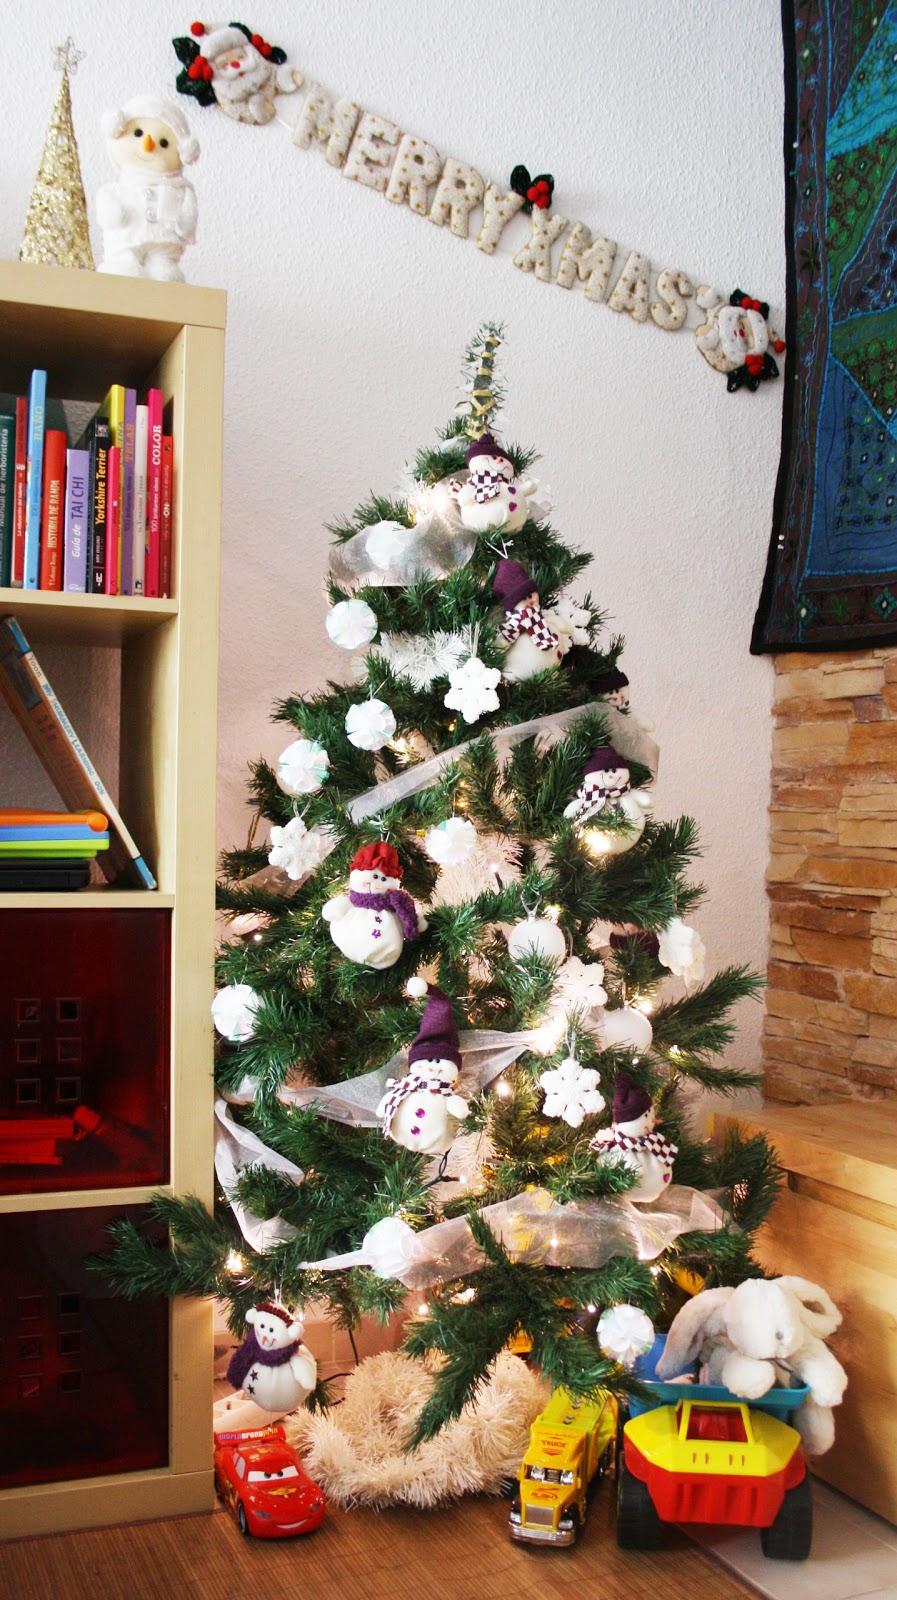 La silla turquesa rboles de navidad for Arbol navidad turquesa